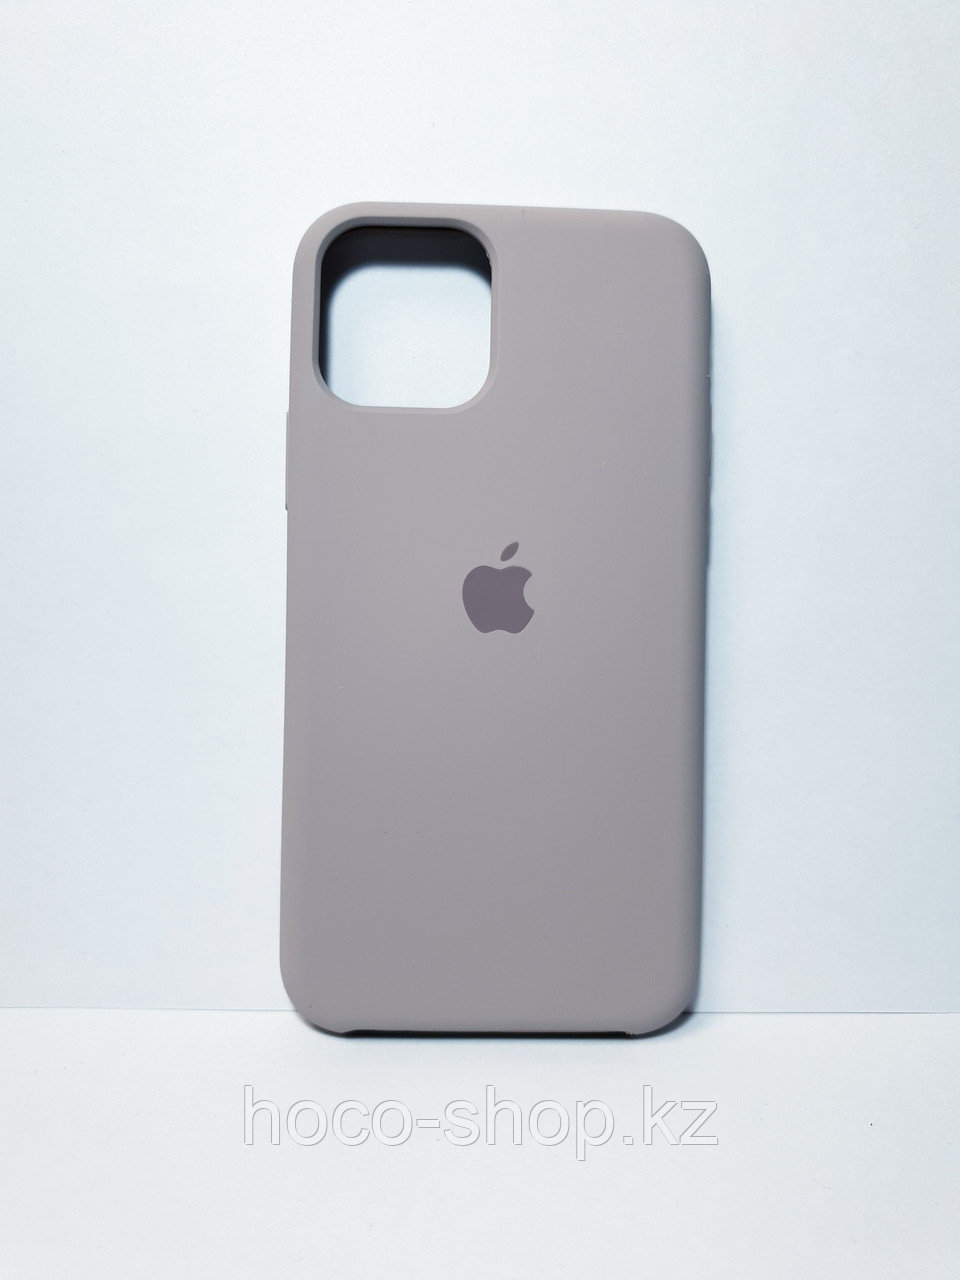 Защитный чехол для iPhone 11 Pro Soft Touch силиконовый, бежевый